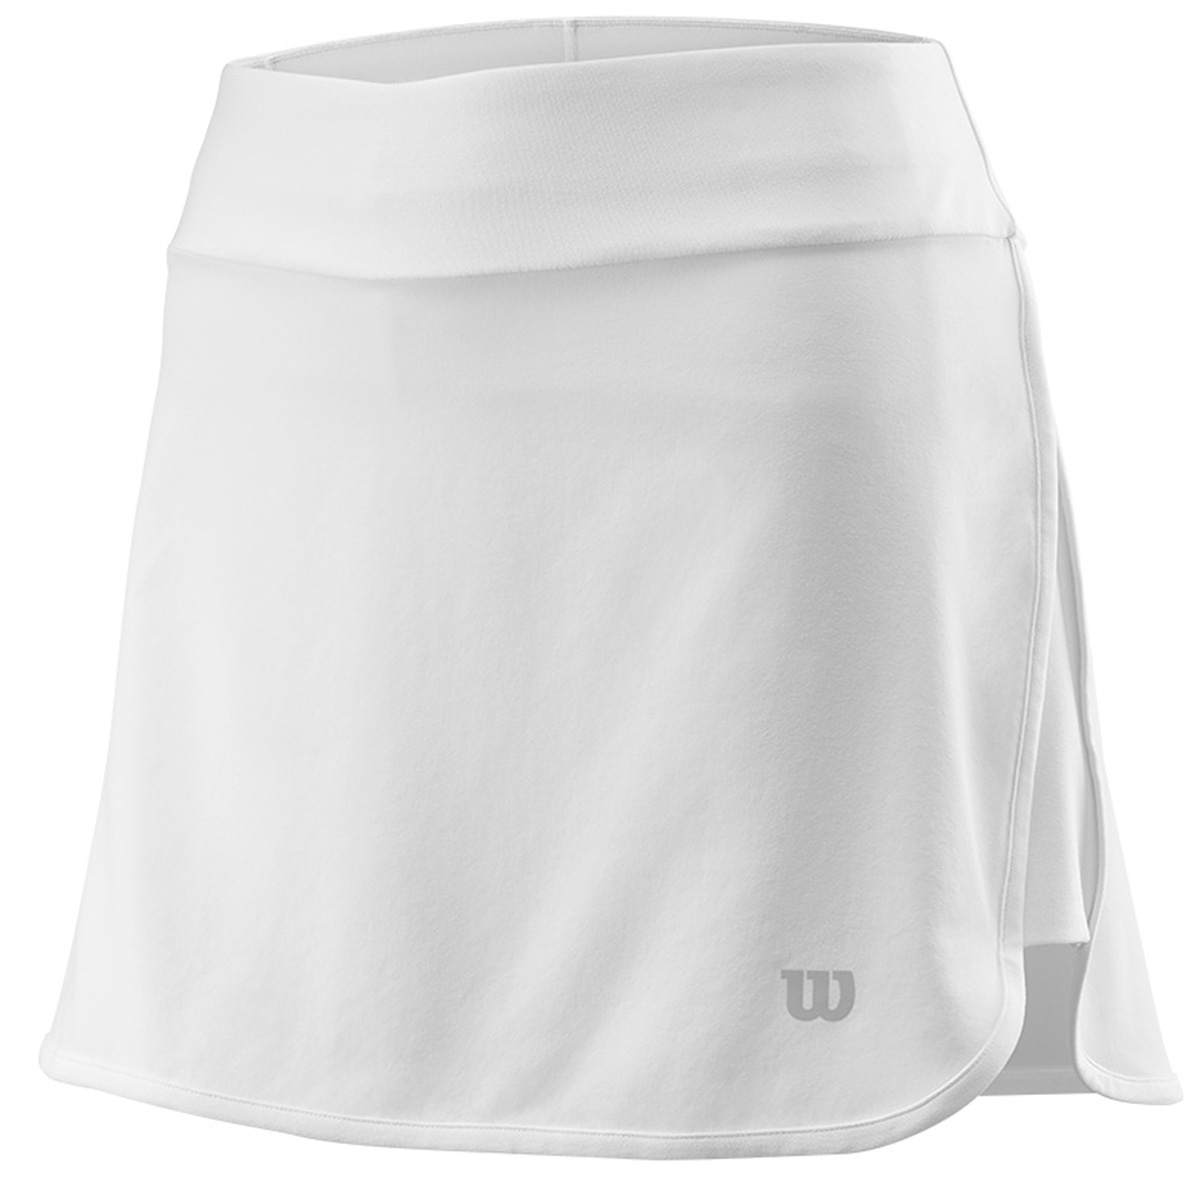 Юбка для тенниса Wilson Condition 13.5 Skirt, цвет: белый. WRA764402. Размер S (44)WRA764402Юбка для тенниса от Wilson выполнена из эластичного трикотажа. Модель с эластичной резинкой на талии.